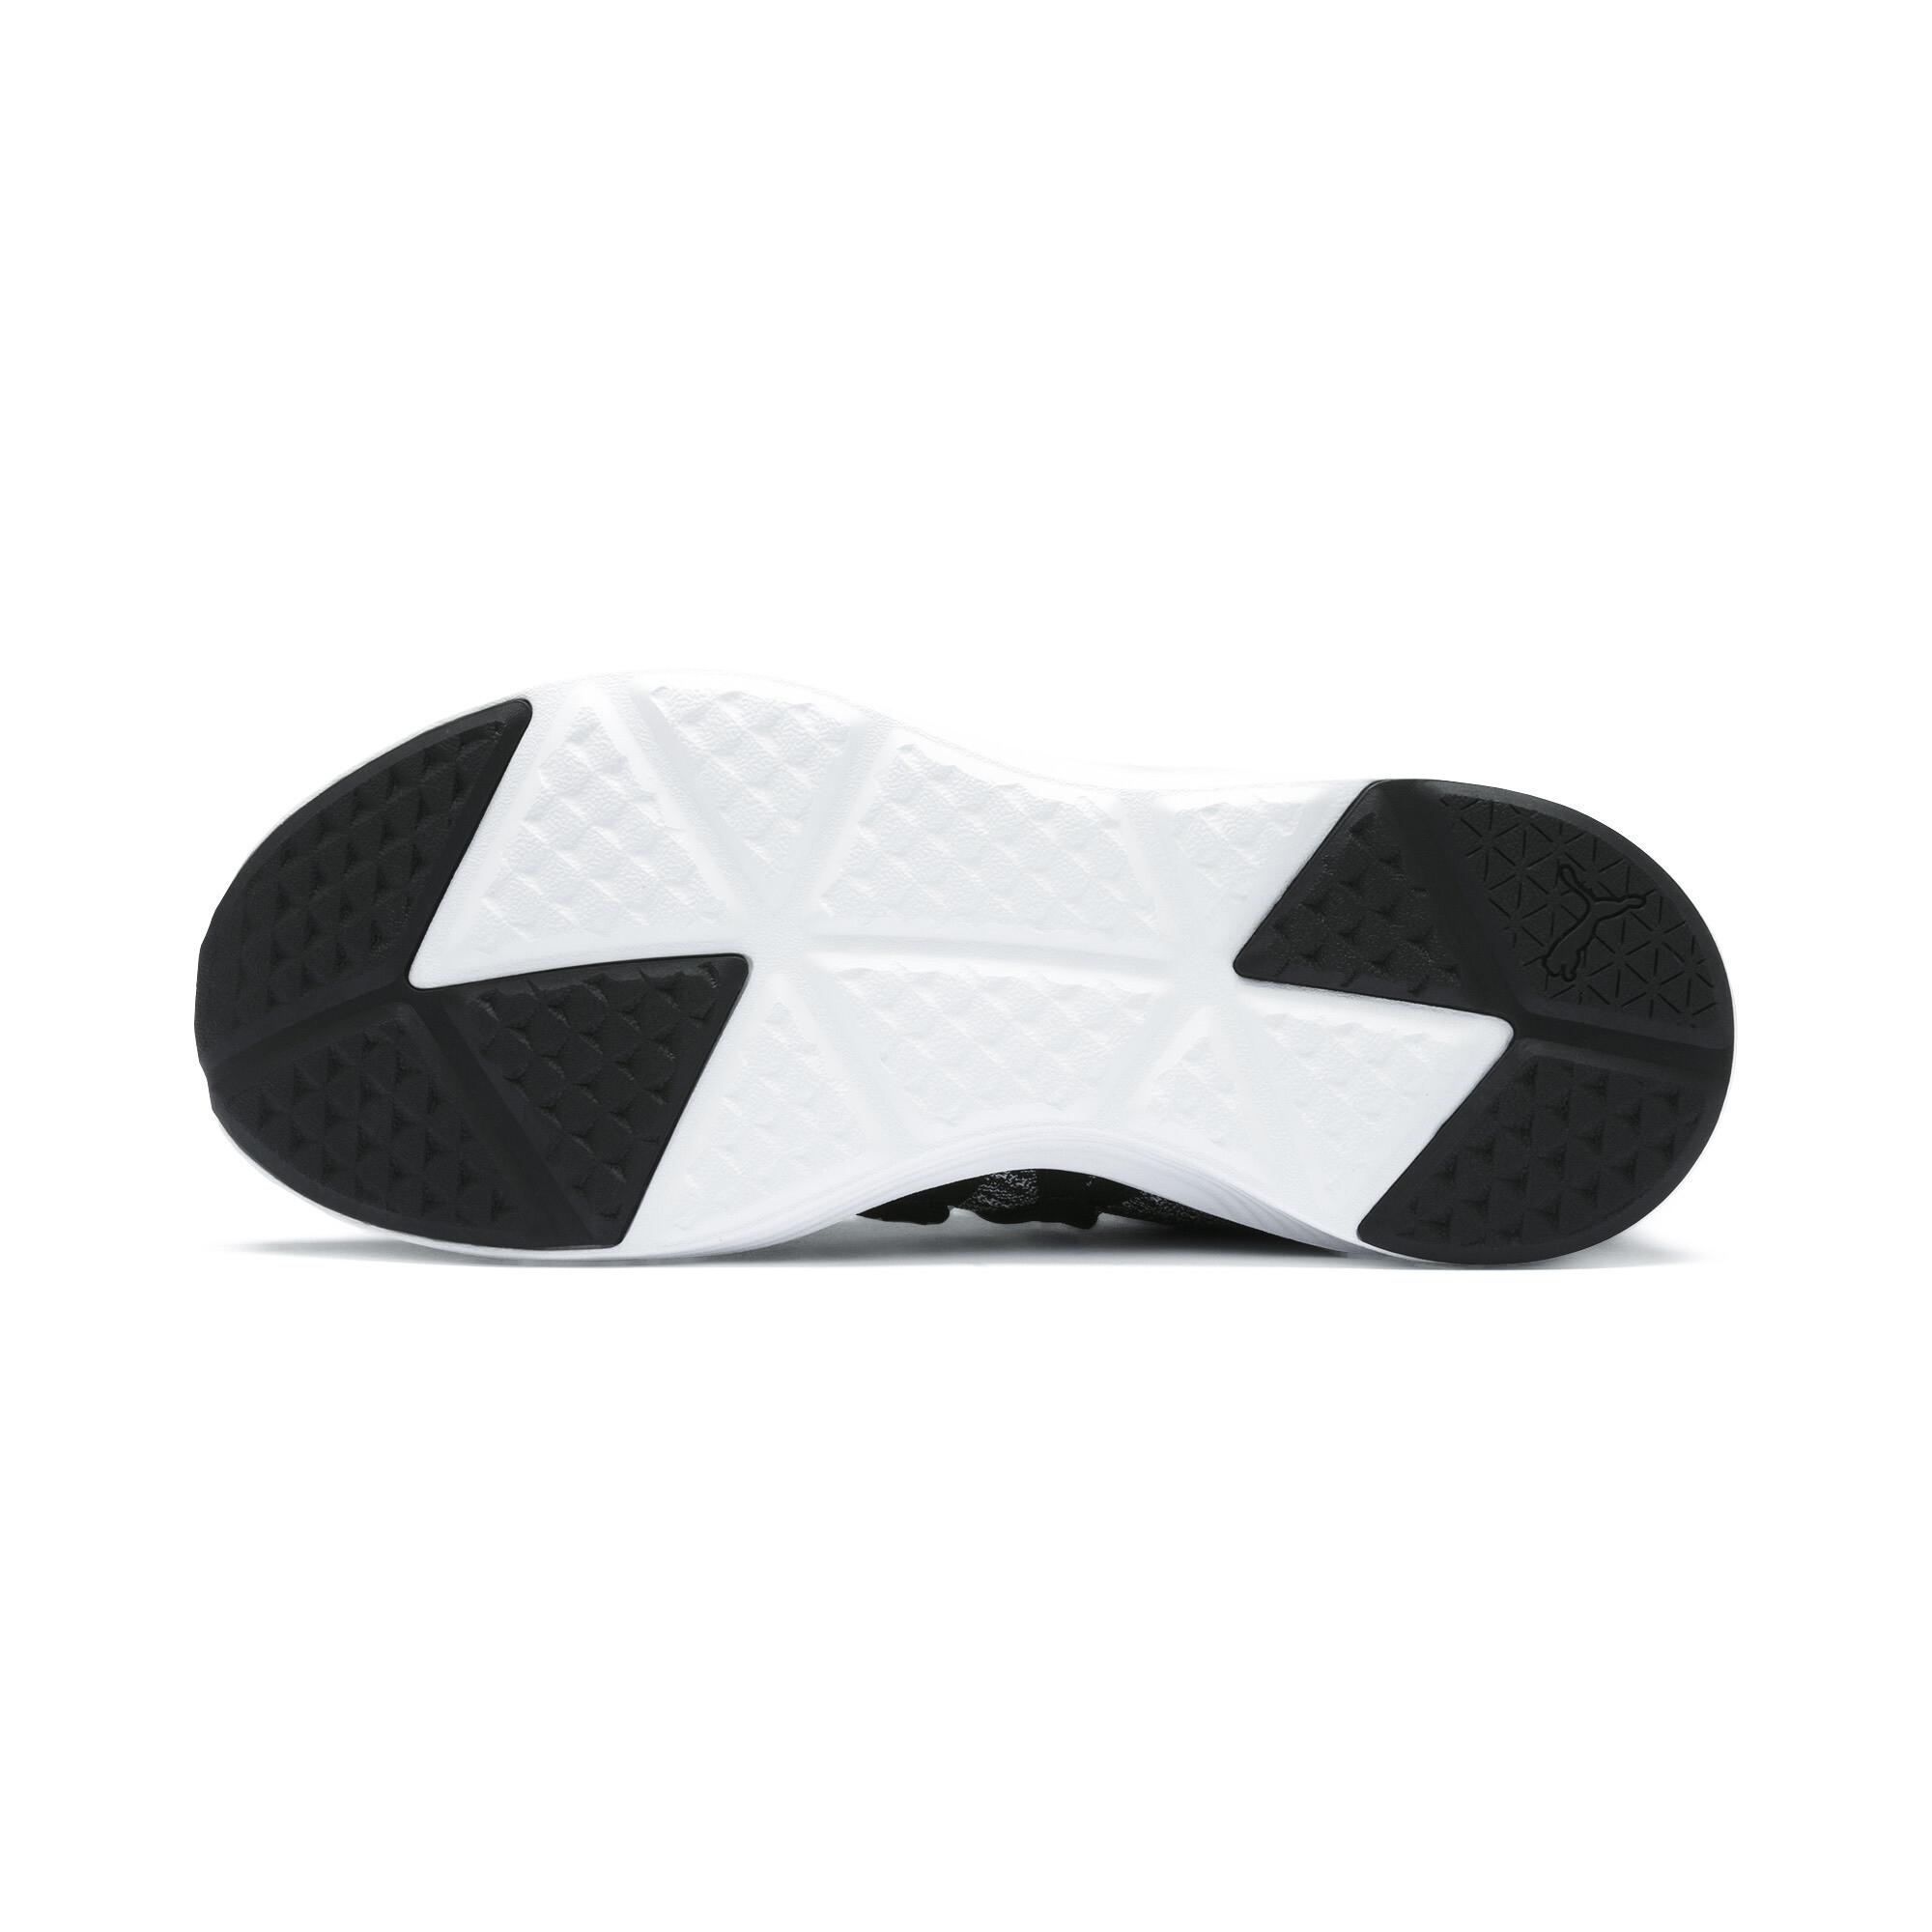 PUMA-Prowl-Alt-Neon-Women-s-Training-Shoes-Women-Shoe-Training thumbnail 13